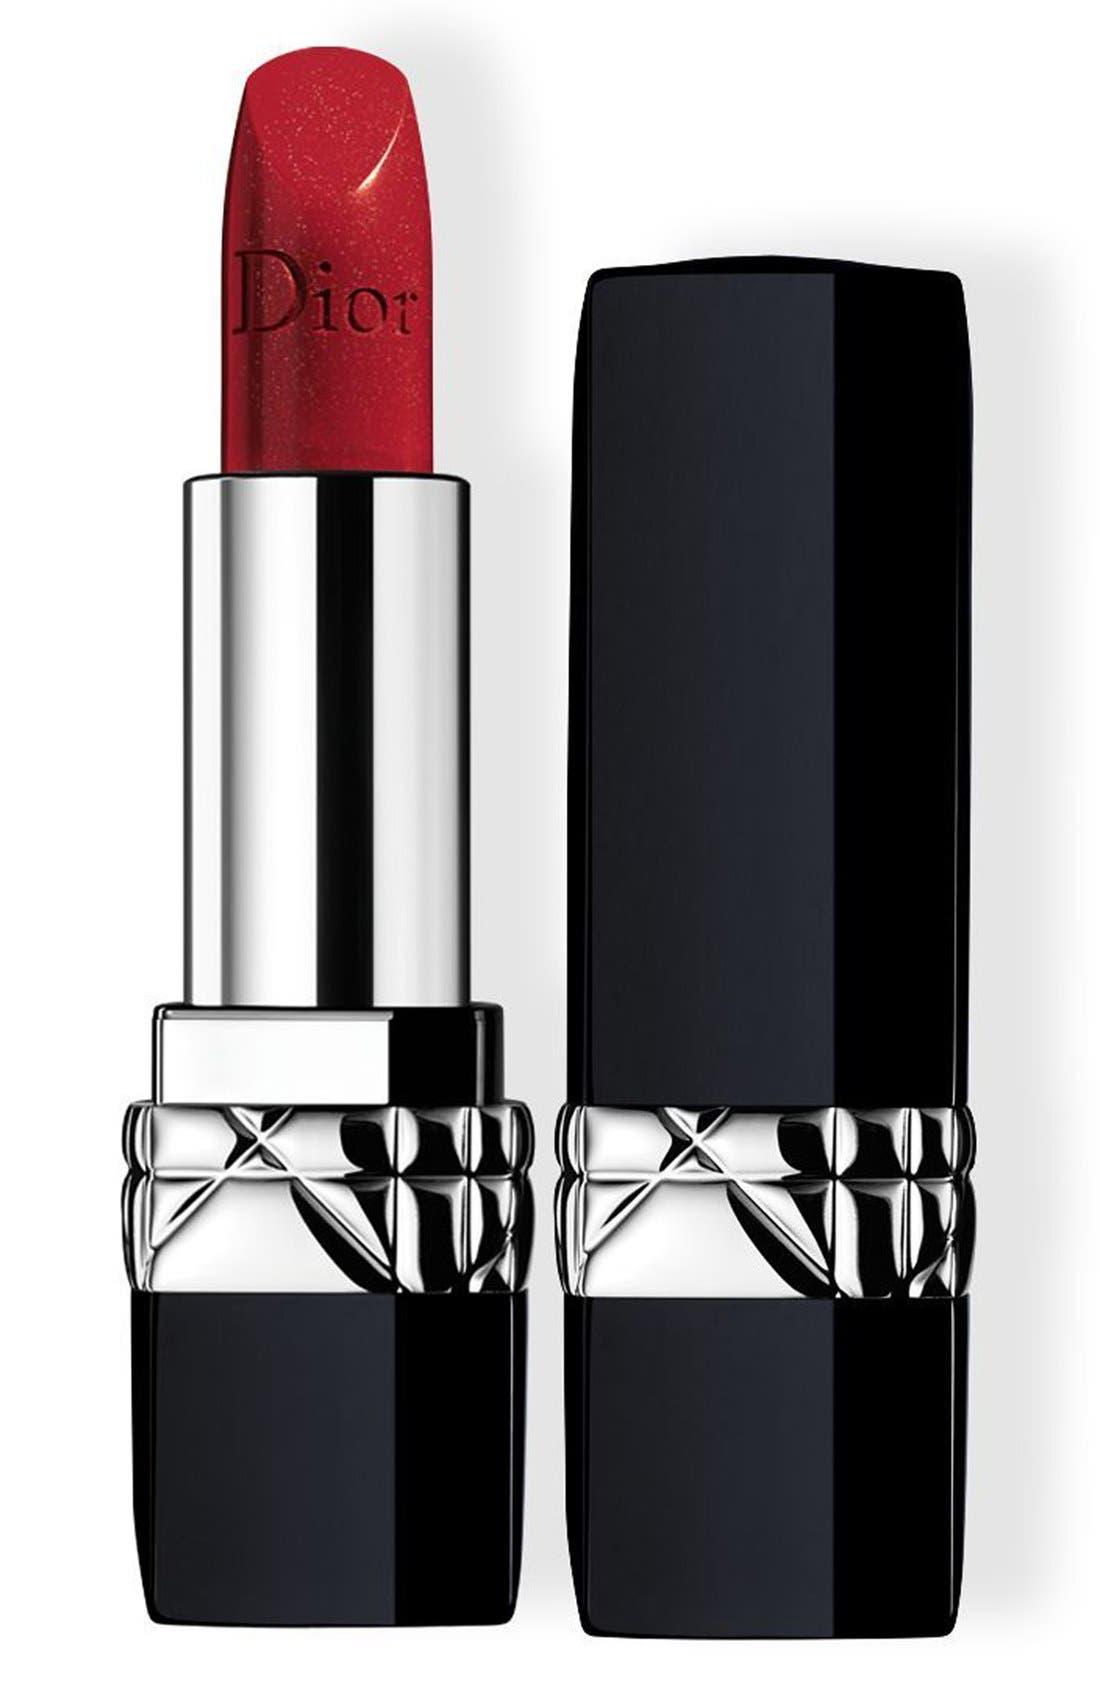 Dior Couture Color Rouge Dior Lipstick - 856 Celebre